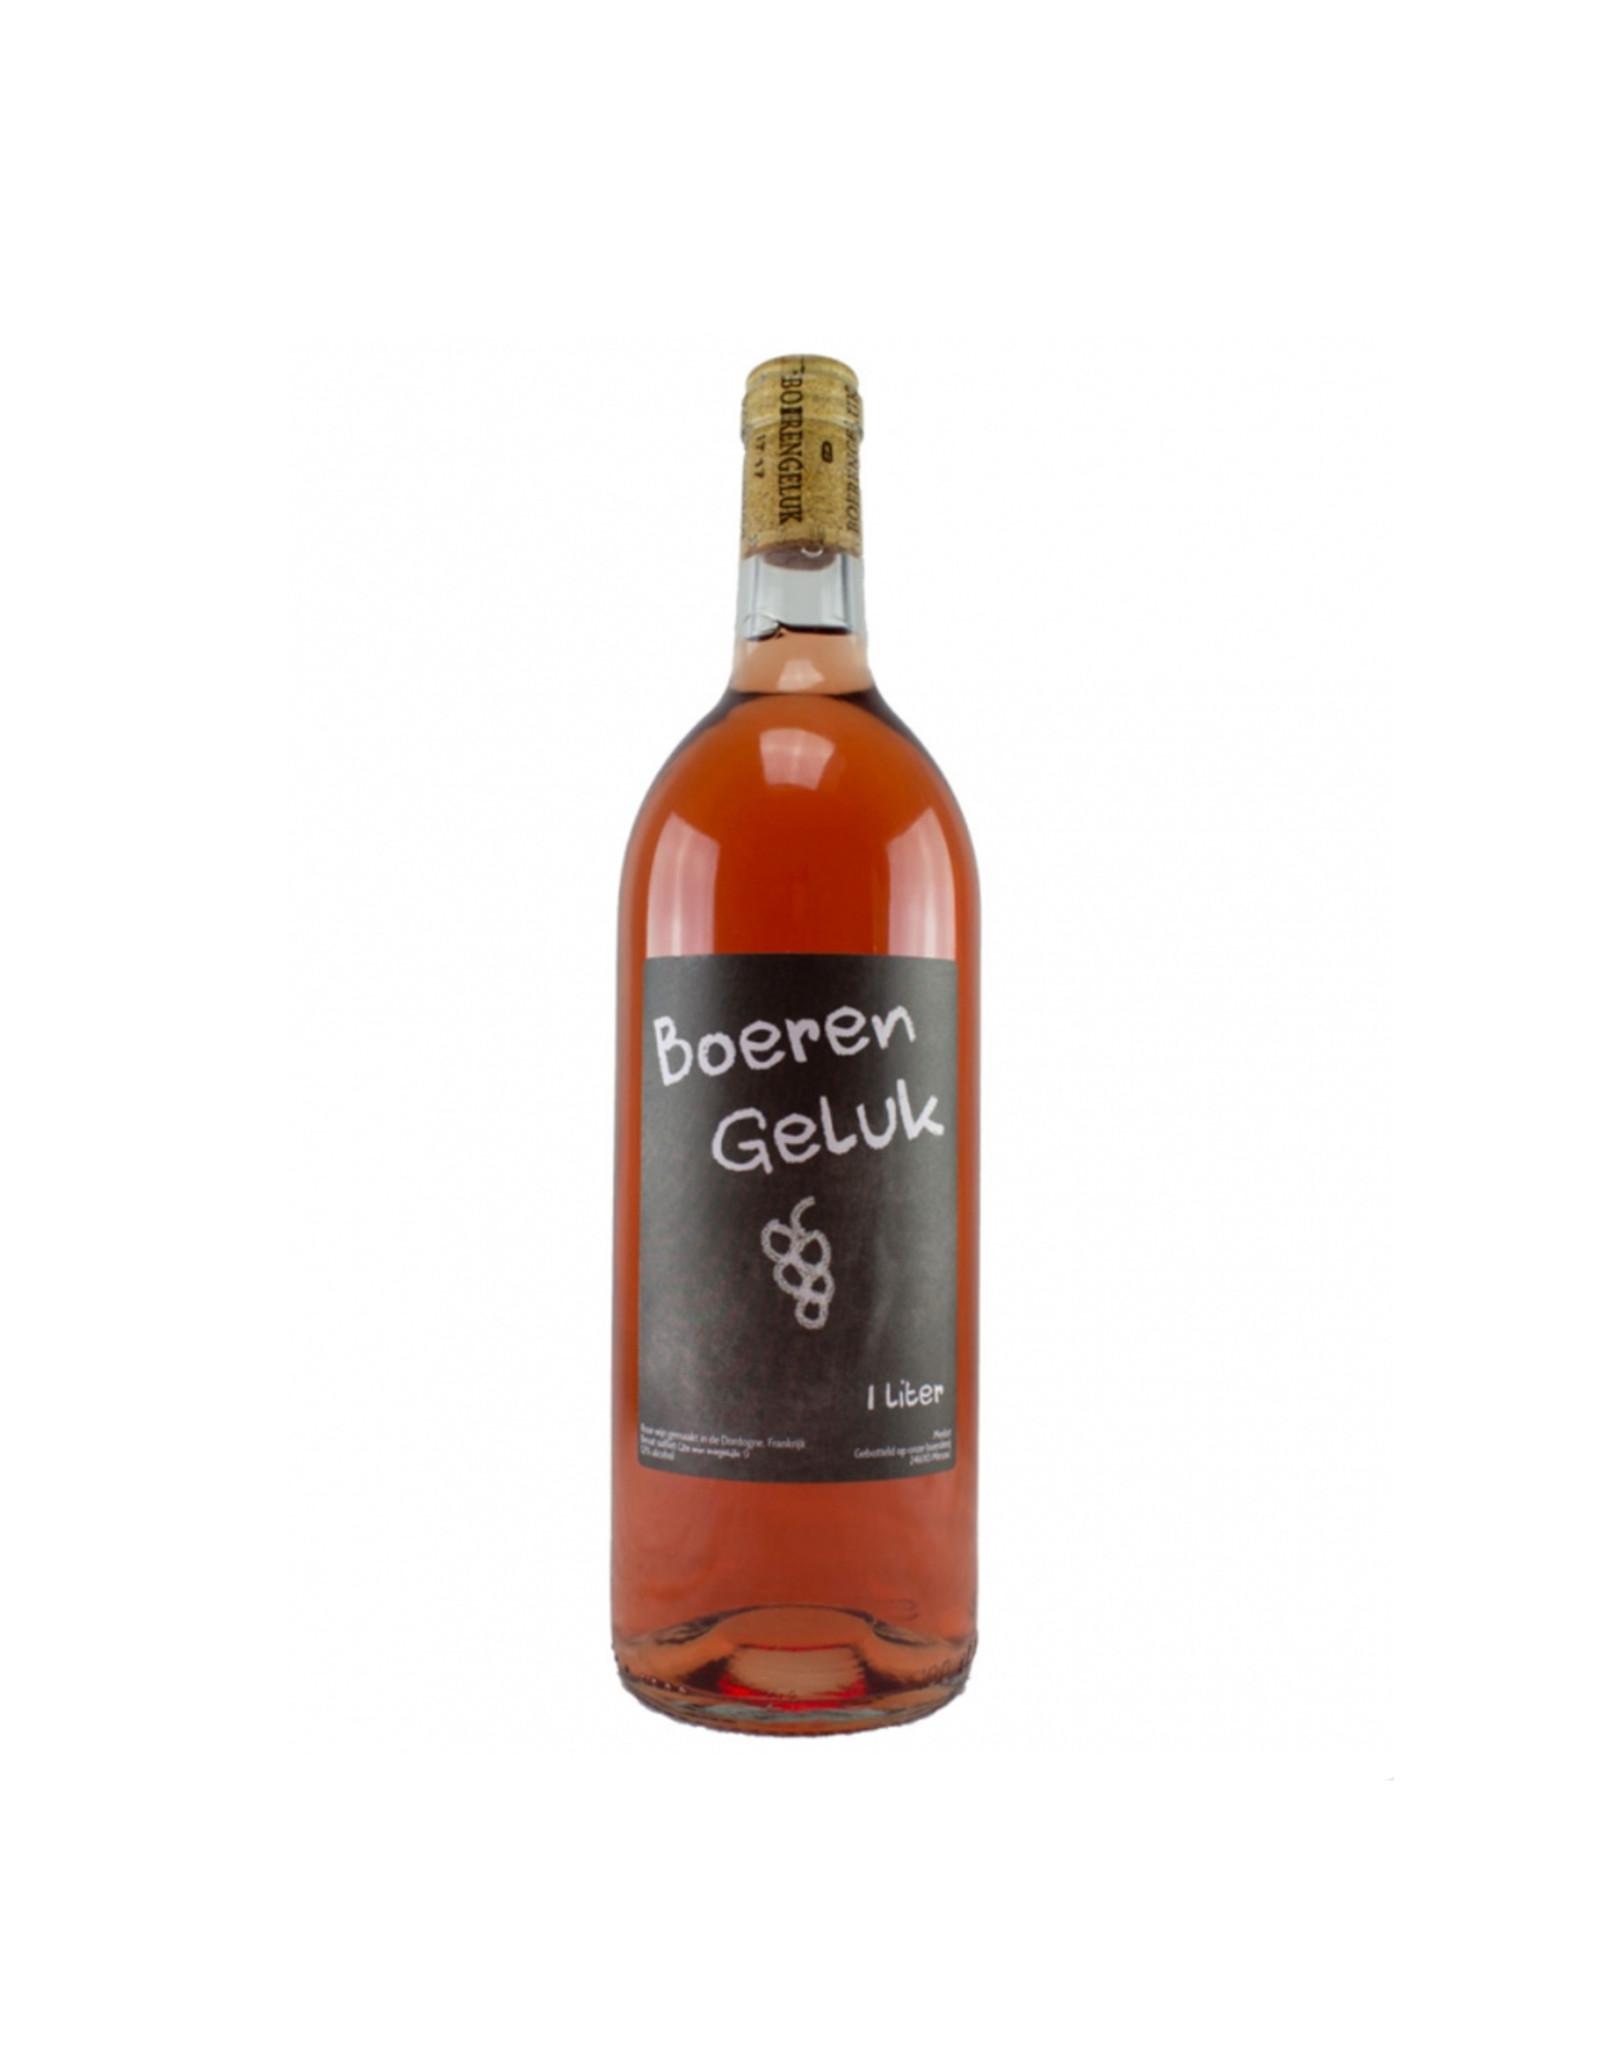 Boerengeluk Rosé (Merlot) 1 ltr